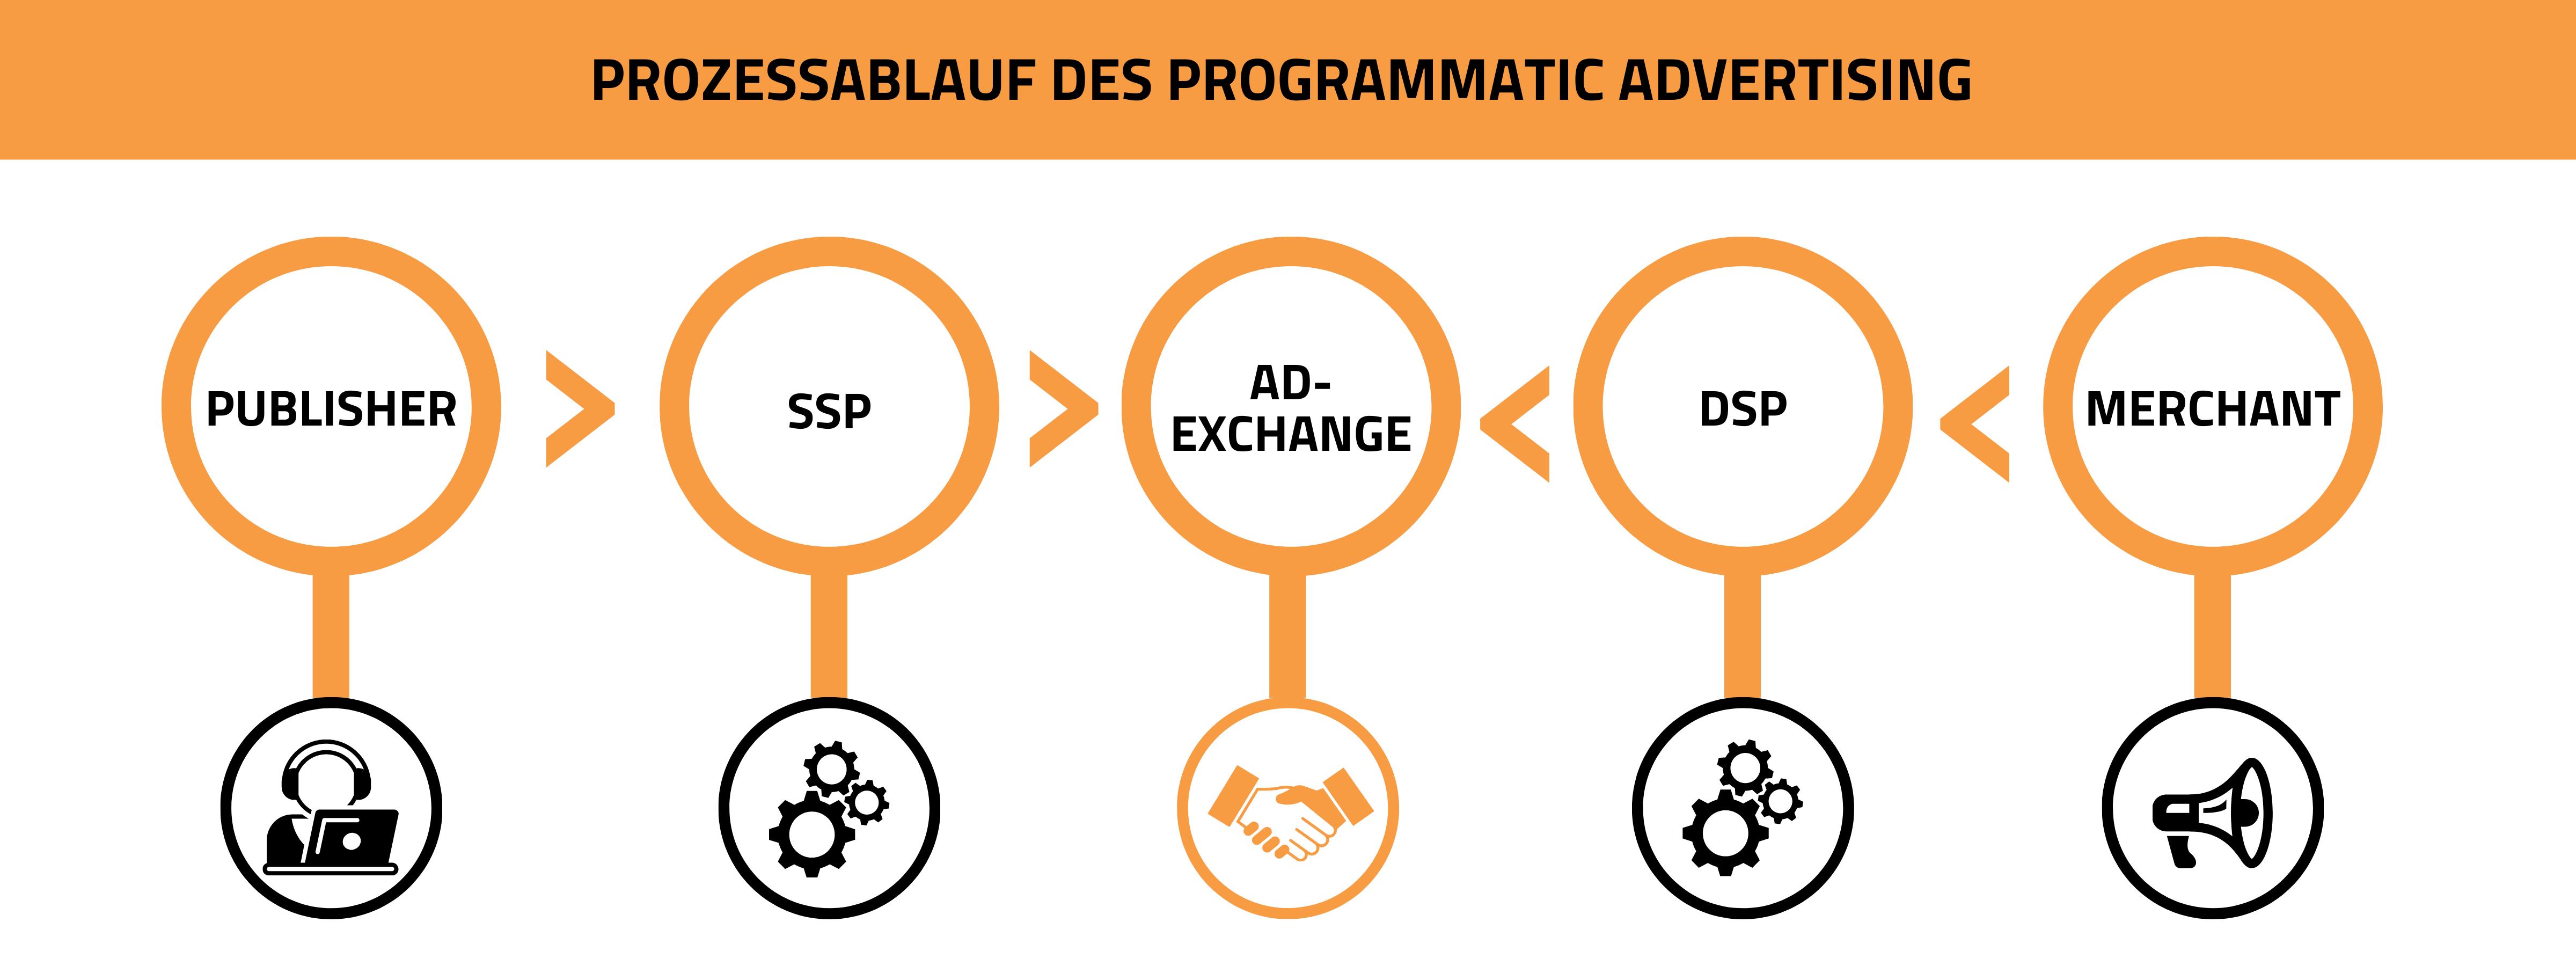 Grafische Darstellung Prozessablaufs vom Programmatic Advertising